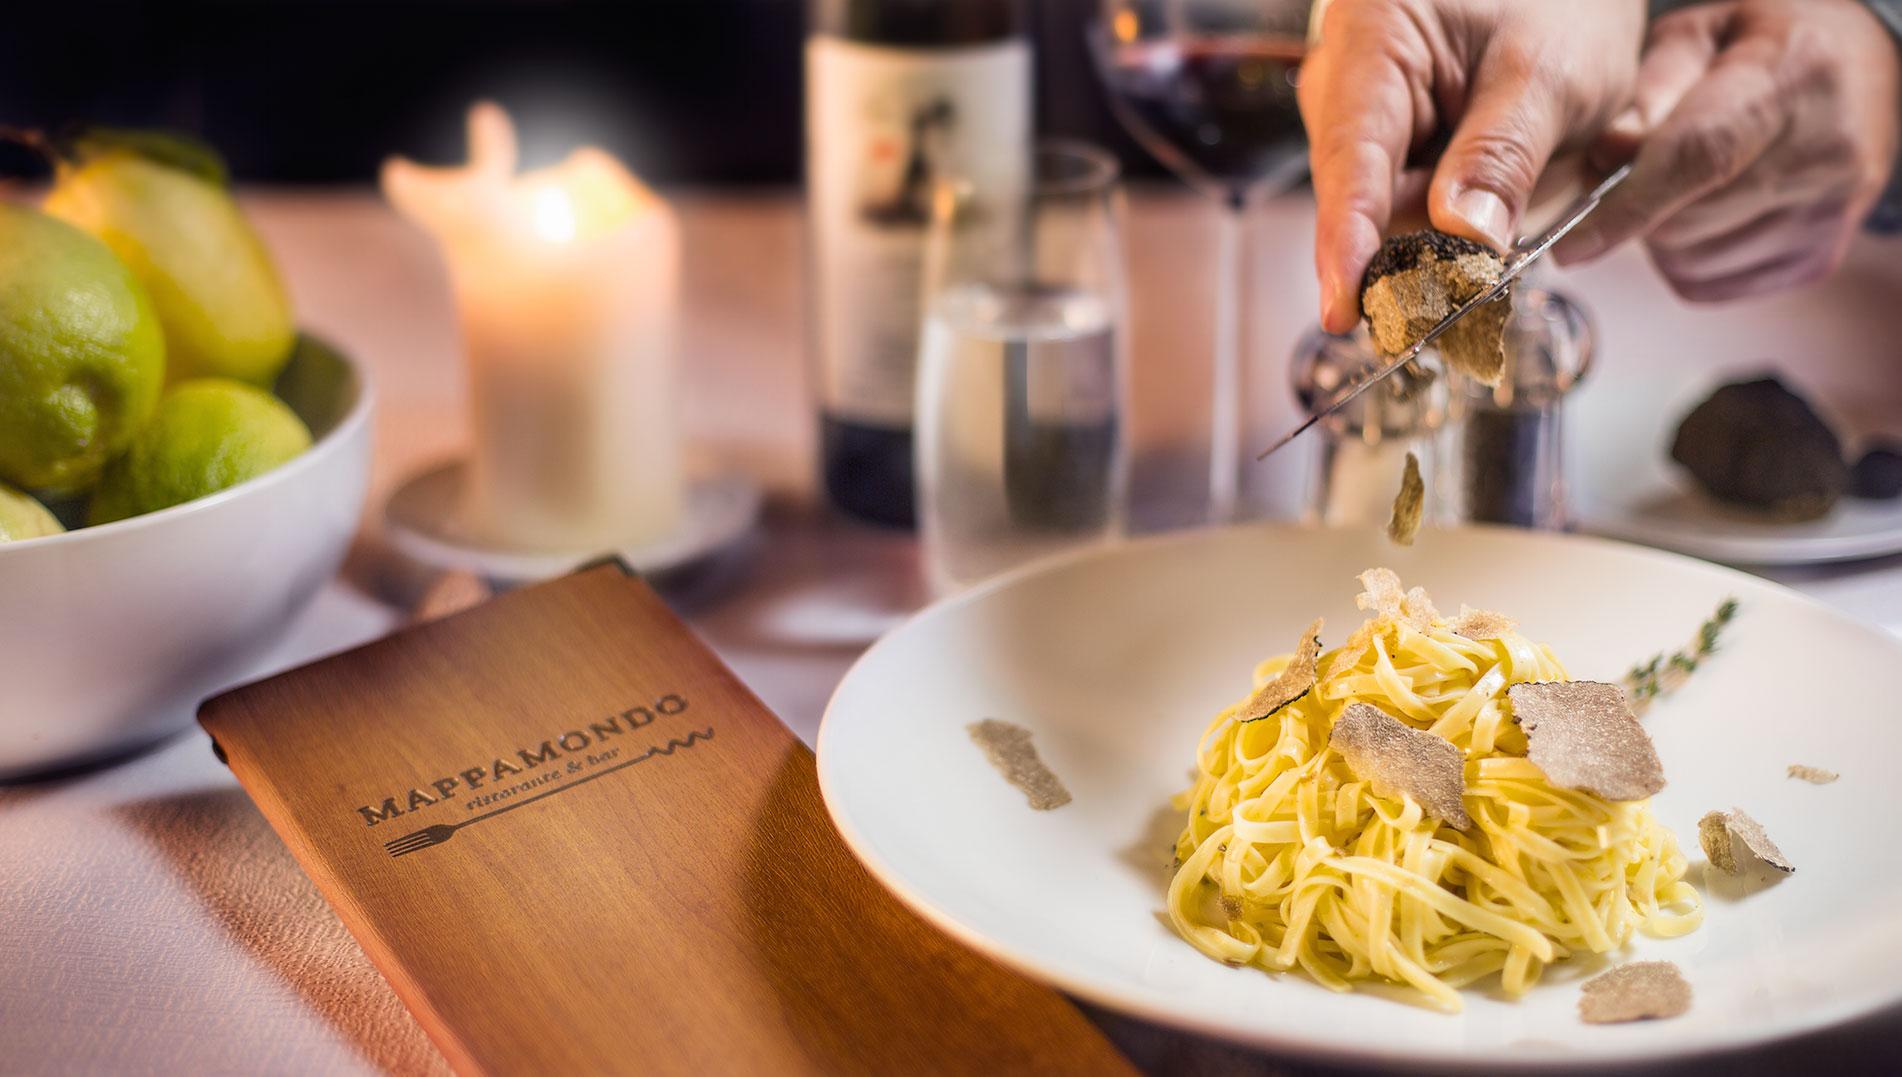 trüffel wird über pasta geraffelt